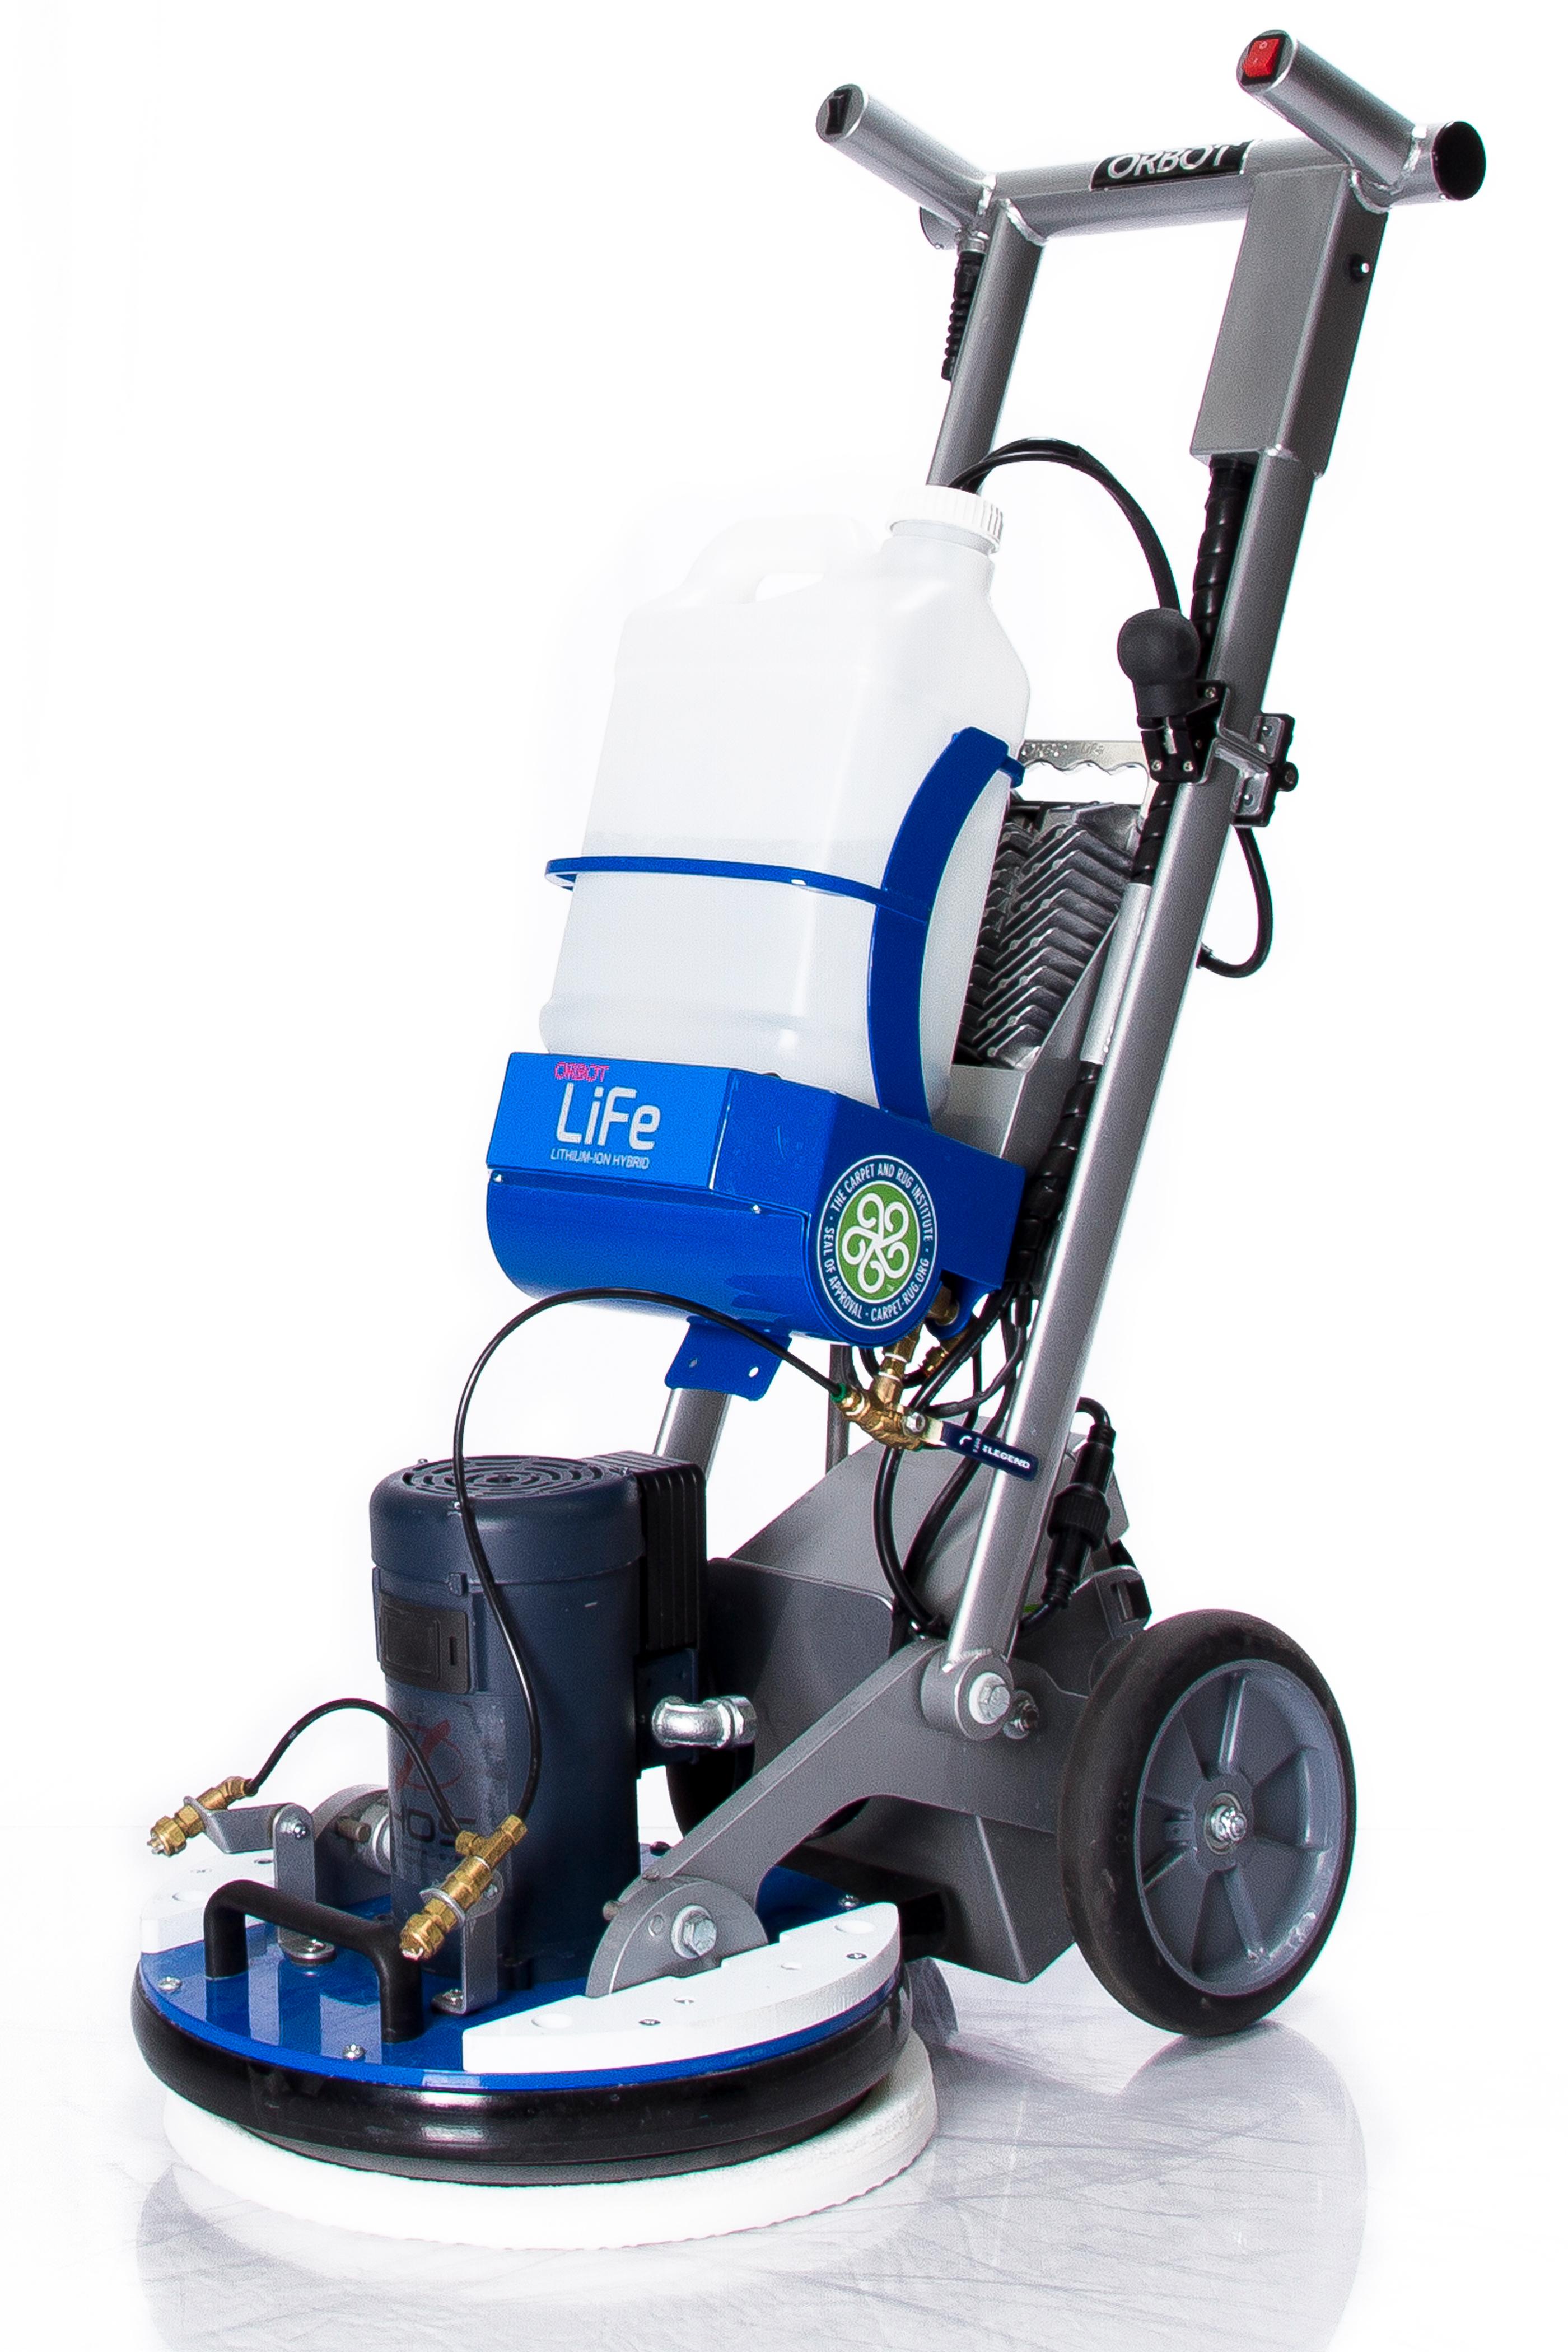 ORBOT LiFe floor machine